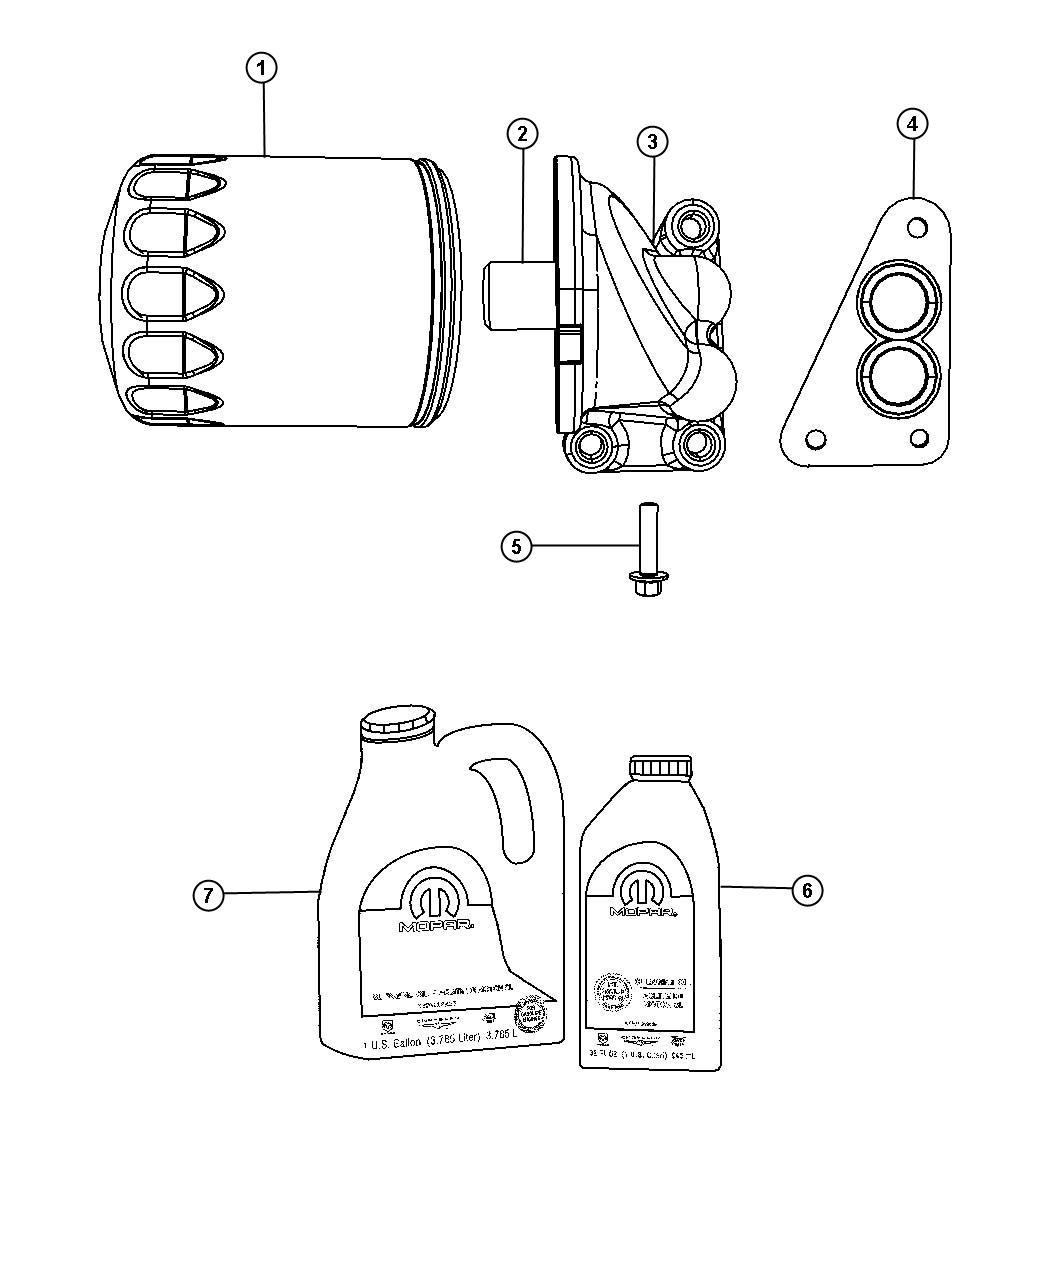 Chrysler Pt Cruiser Engine oil. 5w30. Gallon. [128 fluid